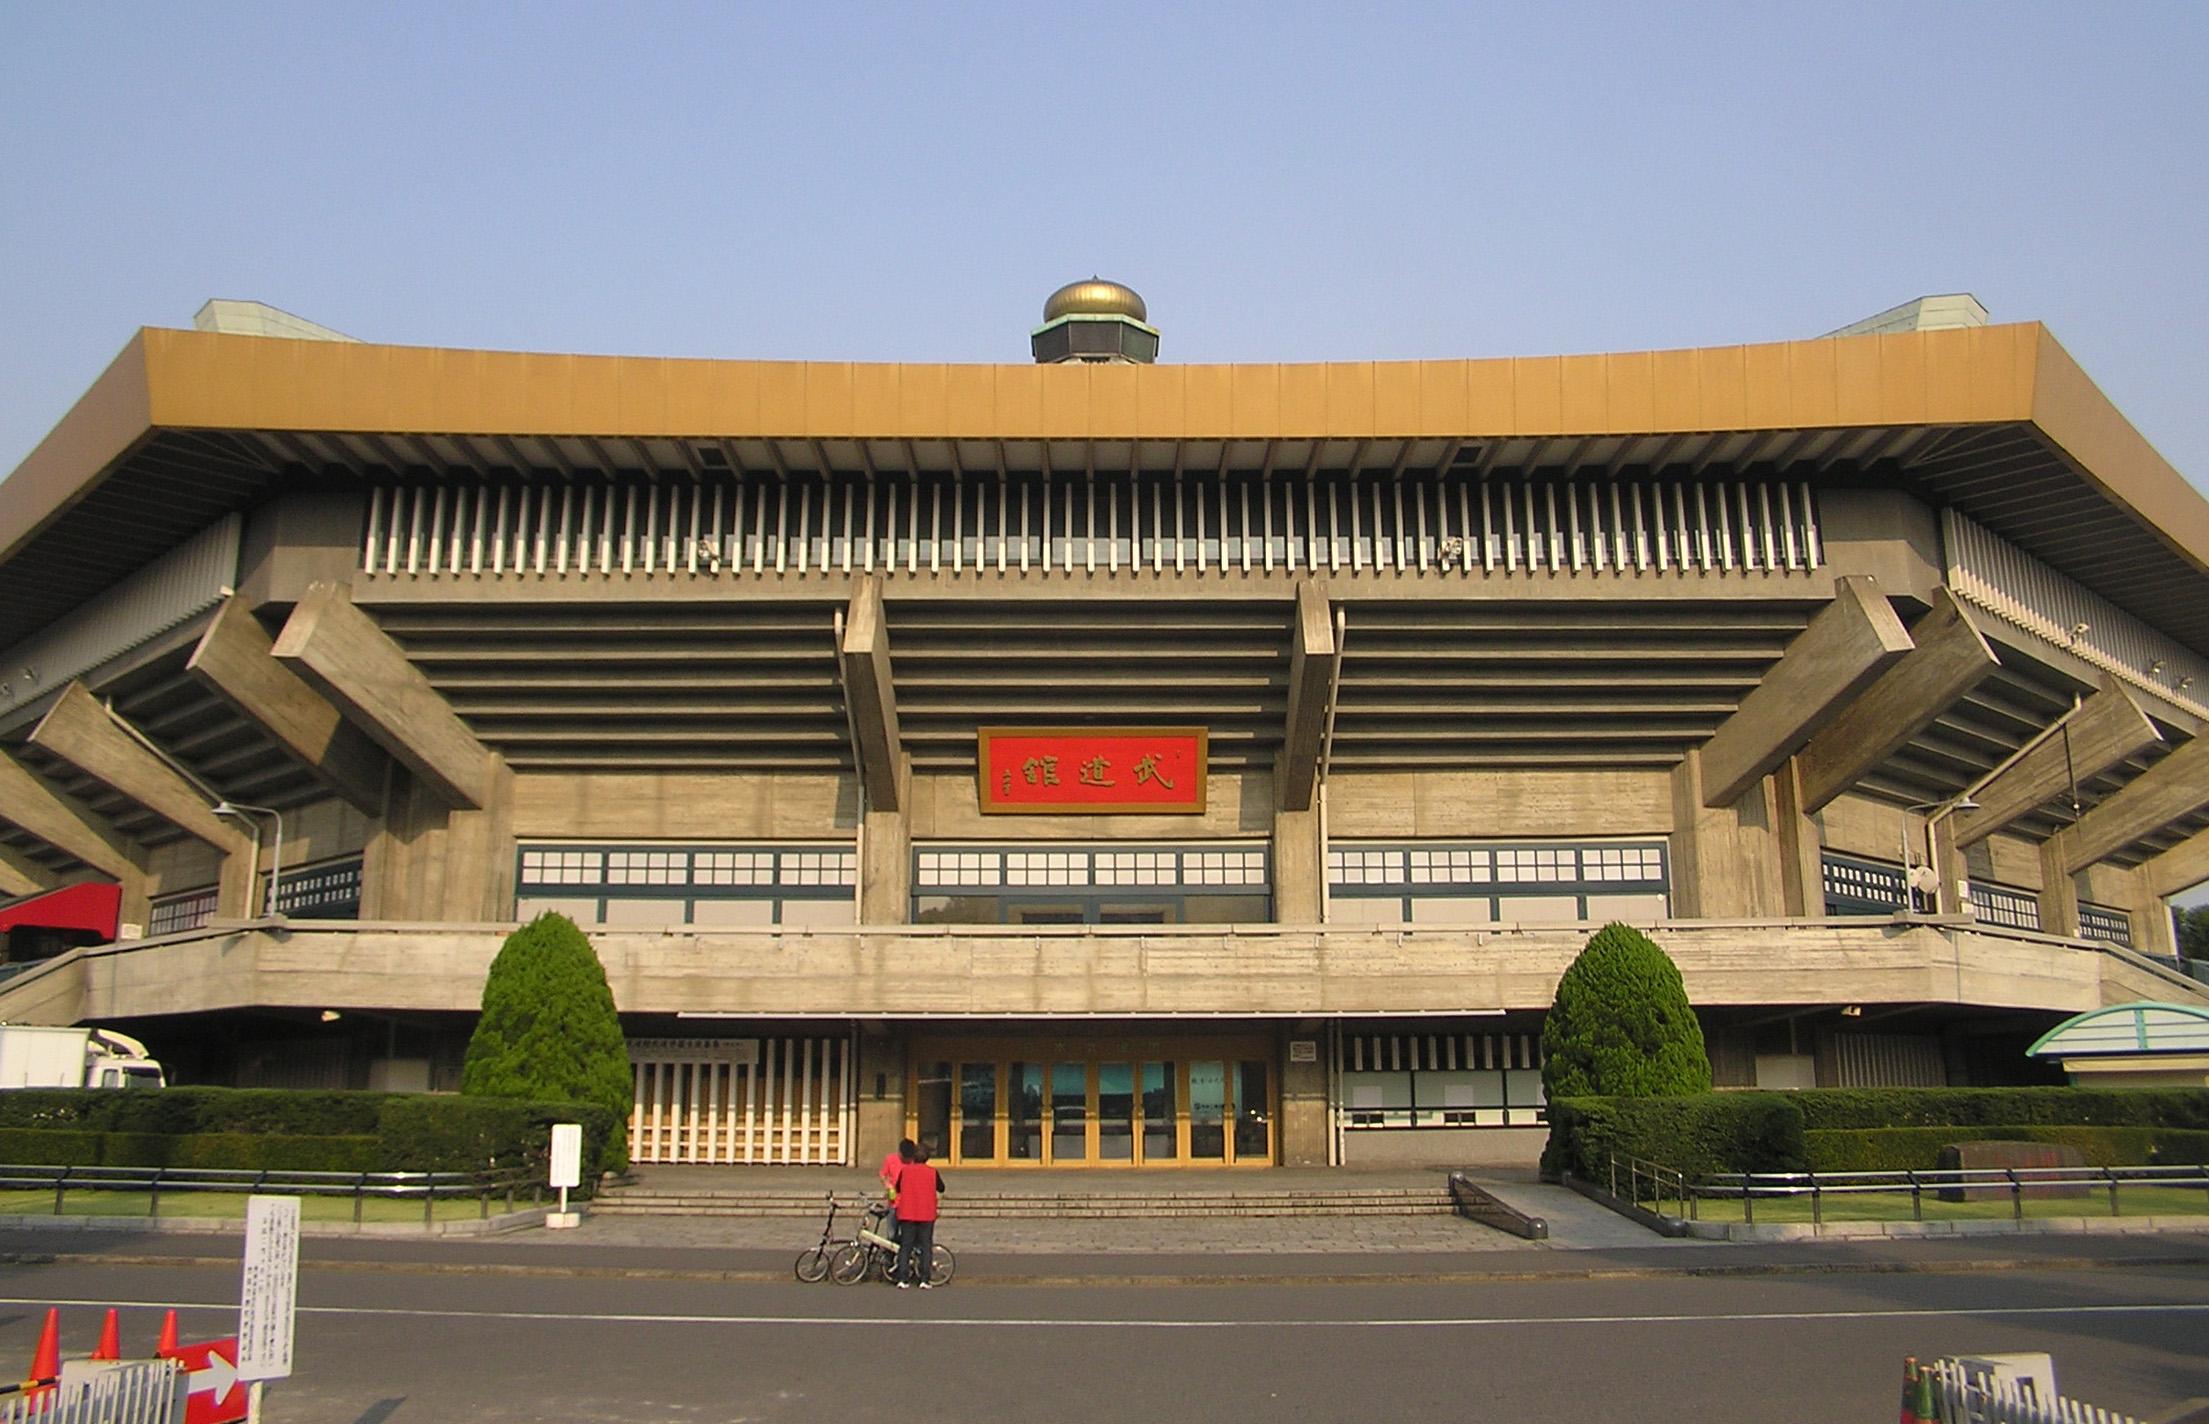 Nippon Budokan<br /><br />A Japán sportcsarnokban tartott nagyobb koncerteknek szinte mindegyike DVD-n is megjelent már (Dream Theater, Ozzy, Mr. Big, hogy kiragadjunk párat), amiből talán sejthető, hogy egy masszívan legendás és előkelő csarnokról van szó. Mint olyan, természetesen nem csak zenei eseményekre épült, hiszen a közdősportok szerelmesei is legalább olyan gyakran látogatnak el ebbe az 1964-es Olimpiára épült, egyébként egész igényesen kinéző épületbe. Maradjunk annyiban, hogy aki itt fellépett, az már tényleg letett valamit az asztalra.